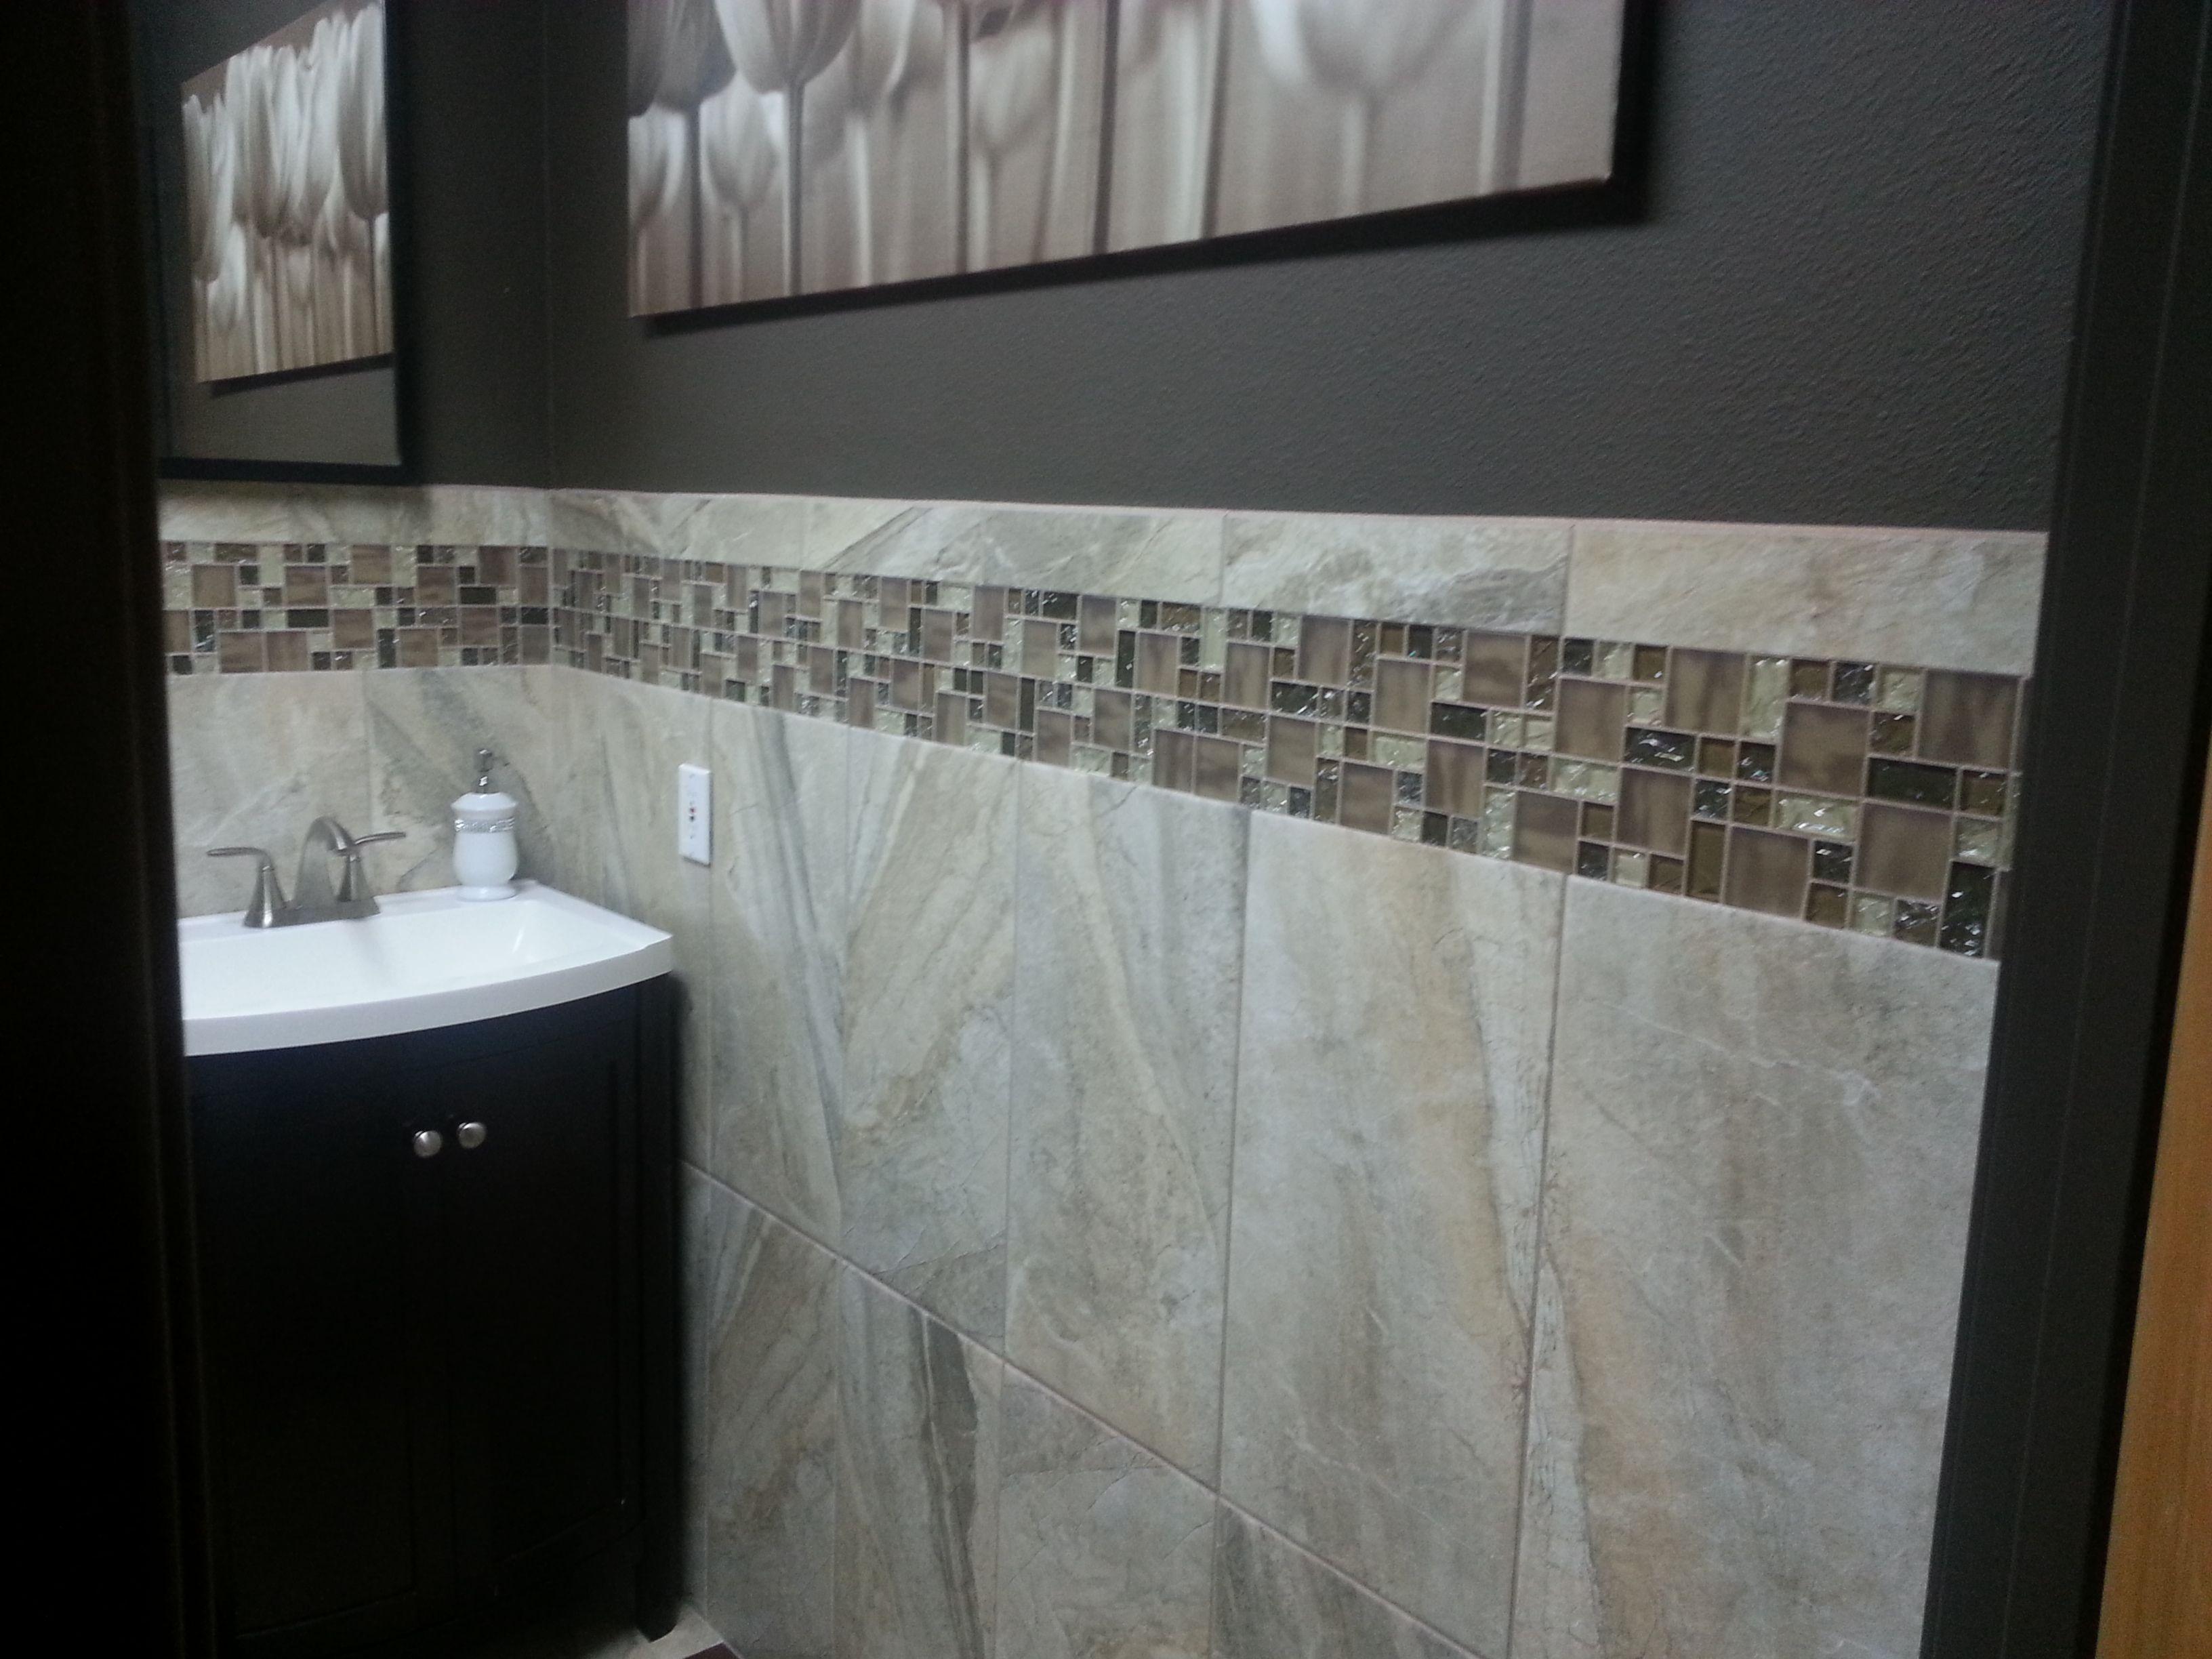 Emser tile eurasia bianco 12x24 field tile 3x13 for 12x24 window